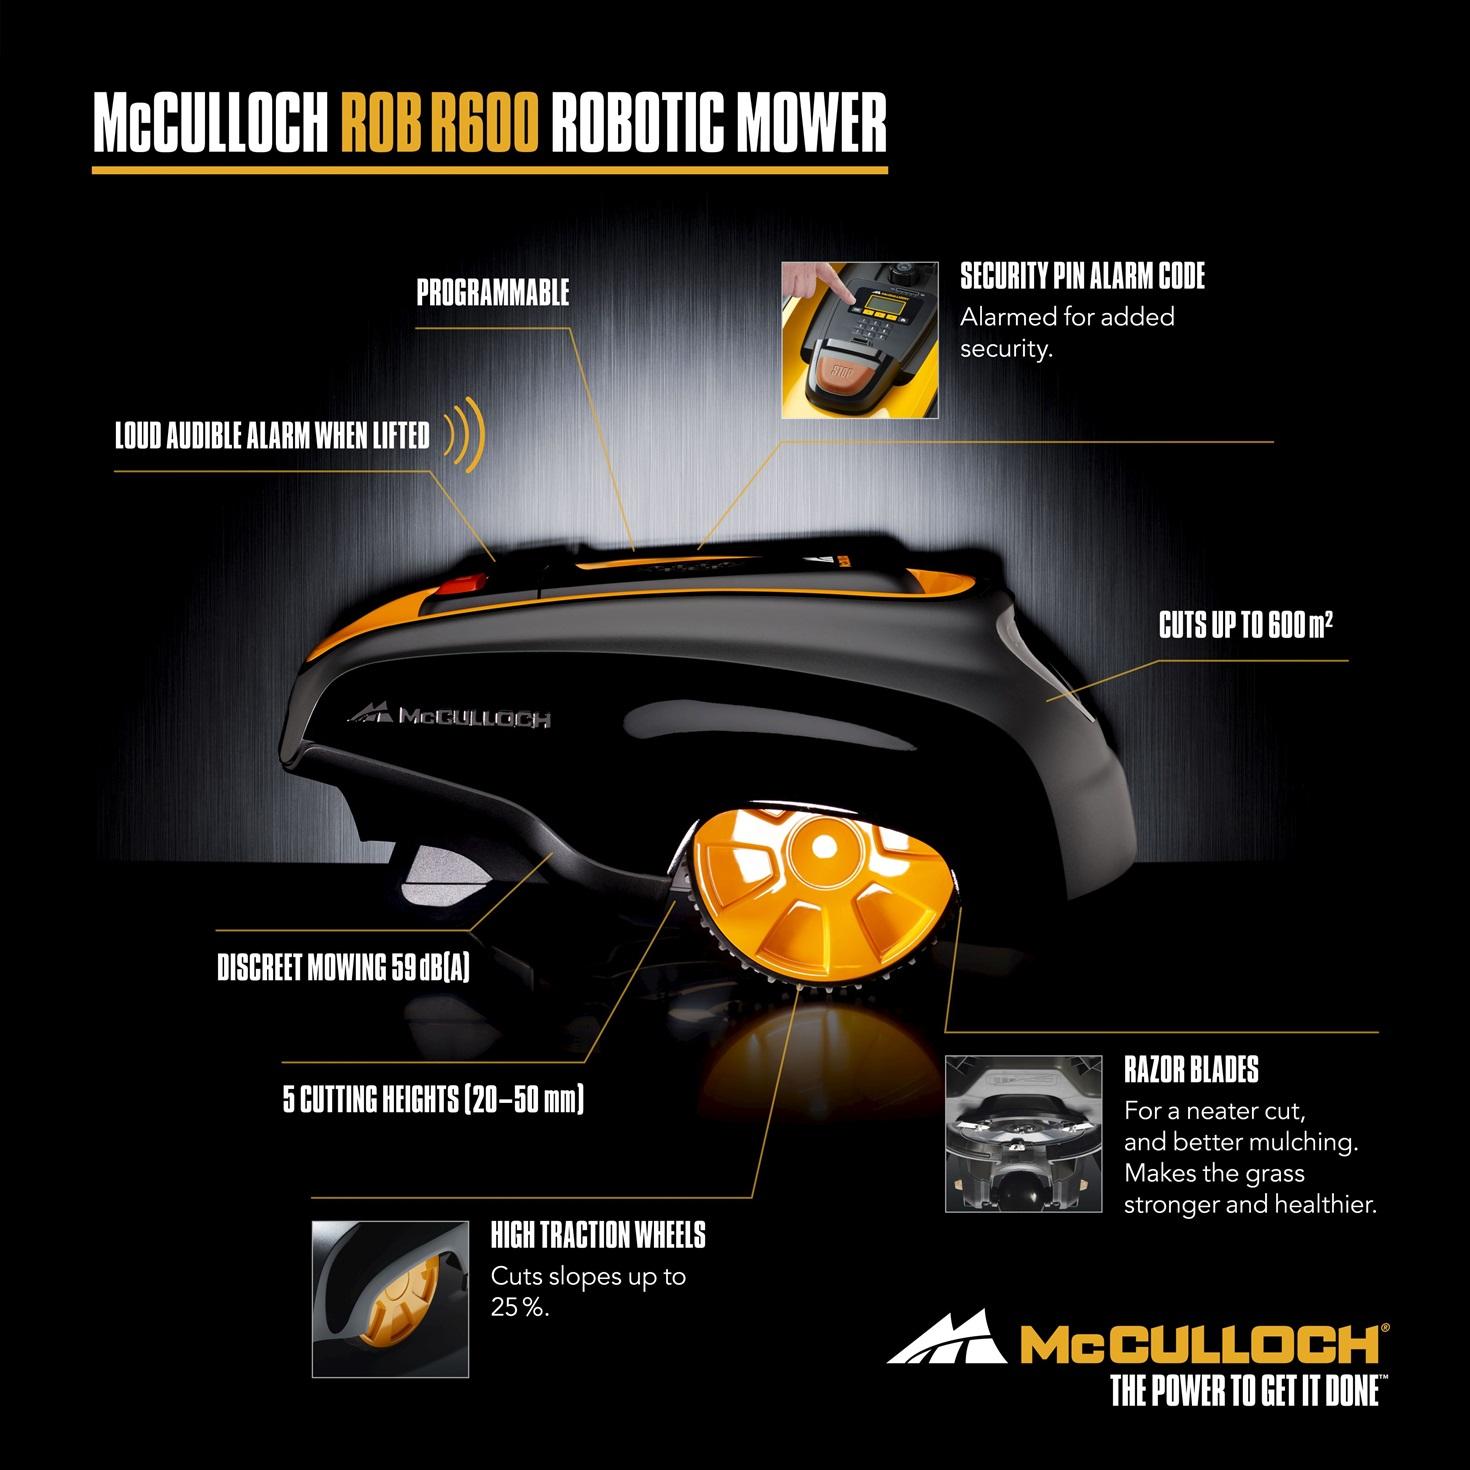 McCulloch R600 Daten